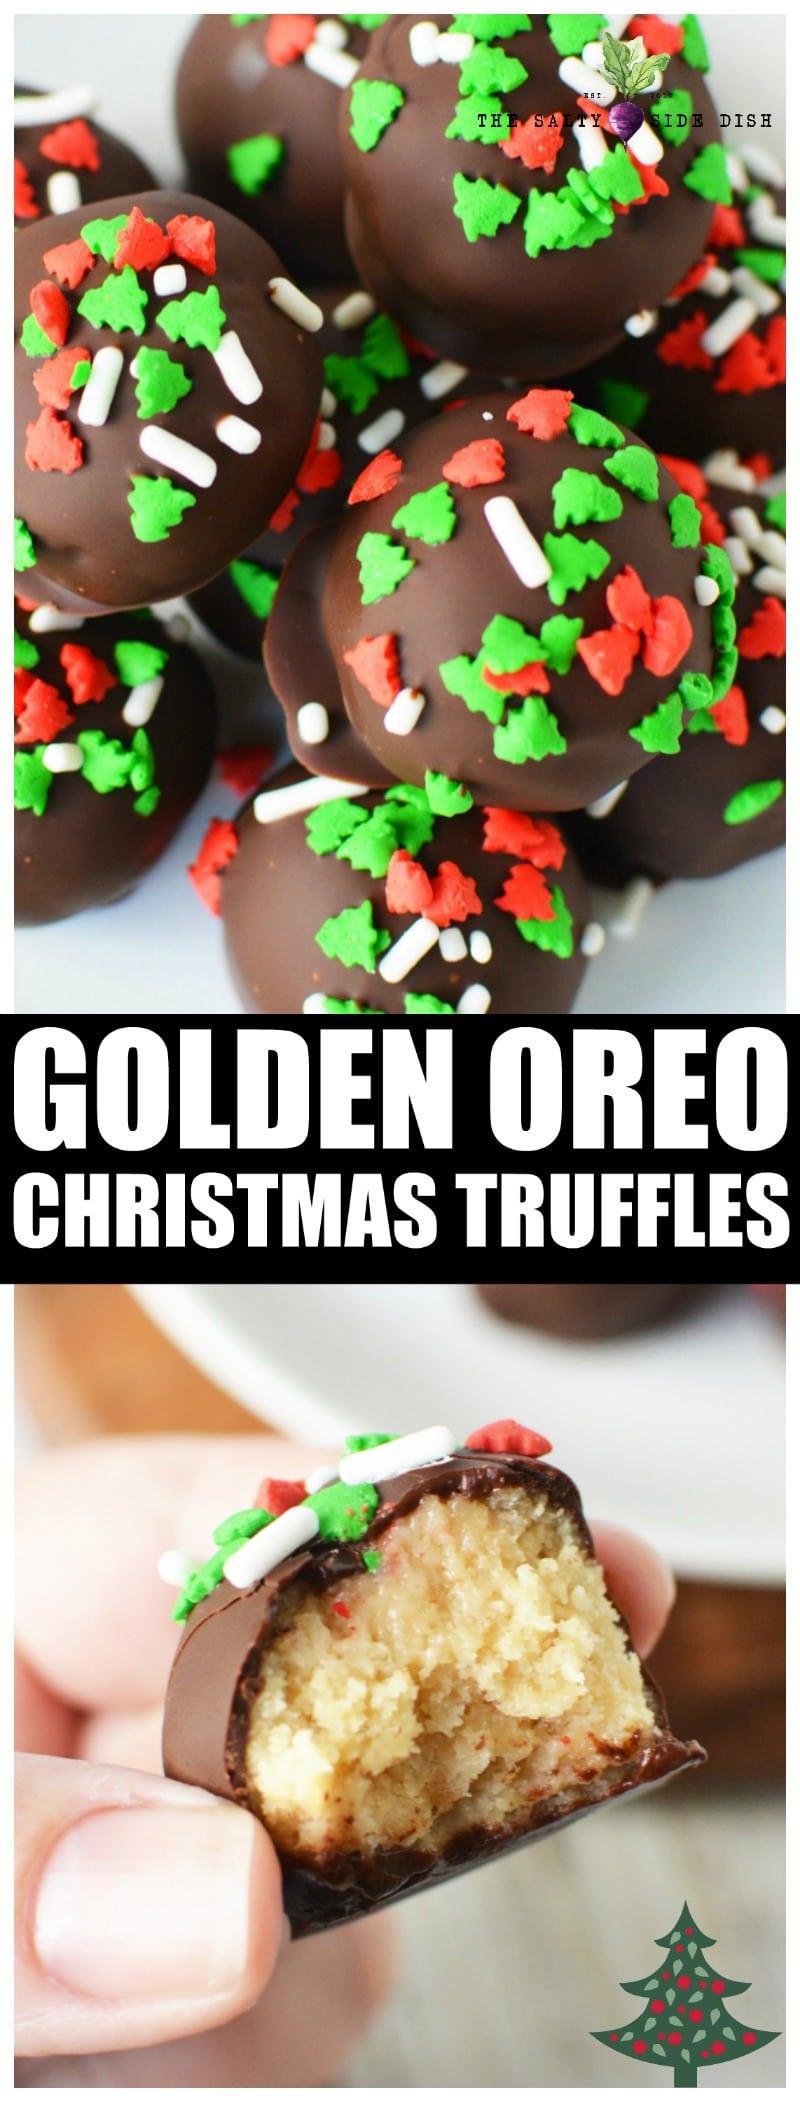 No Bake Oreo Truffles Recipe | Golden Oreo Truffles| Christmas Oreo Truffles #dessert #oreos #oreodessert #holidays #holidayfood #sprinkles #christmas #christmasideas